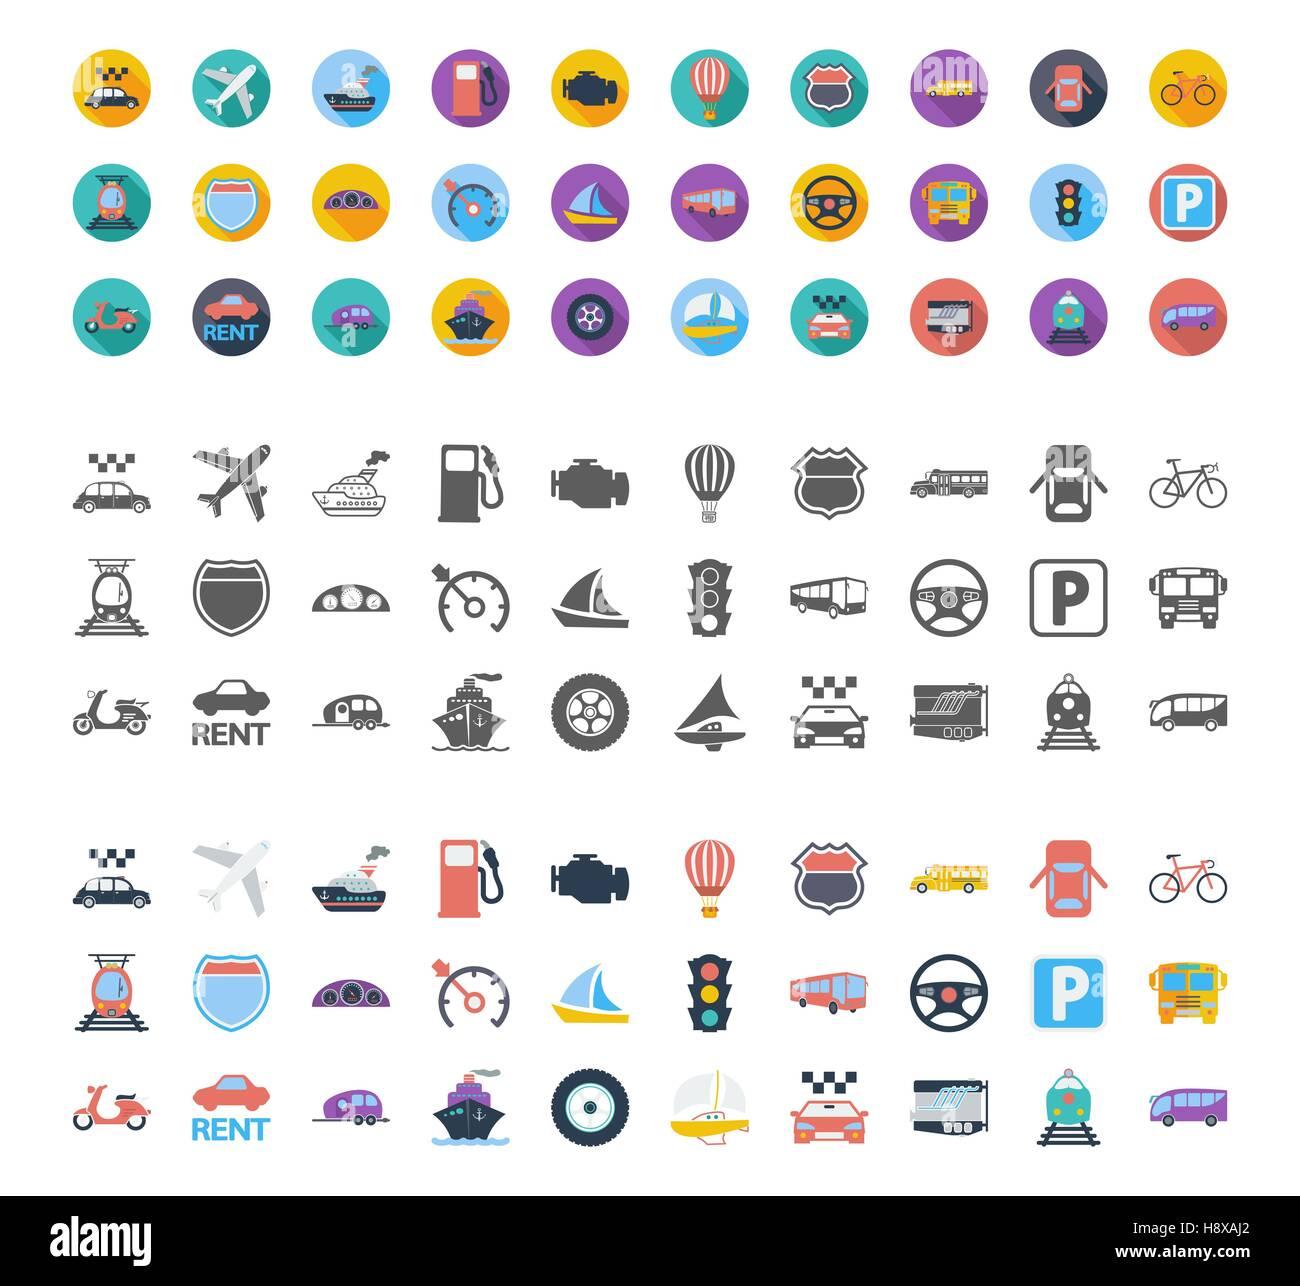 Conjunto de iconos de transporte. Planos diferentes estilos relacionados con vectores iconos para web y aplicaciones Imagen De Stock